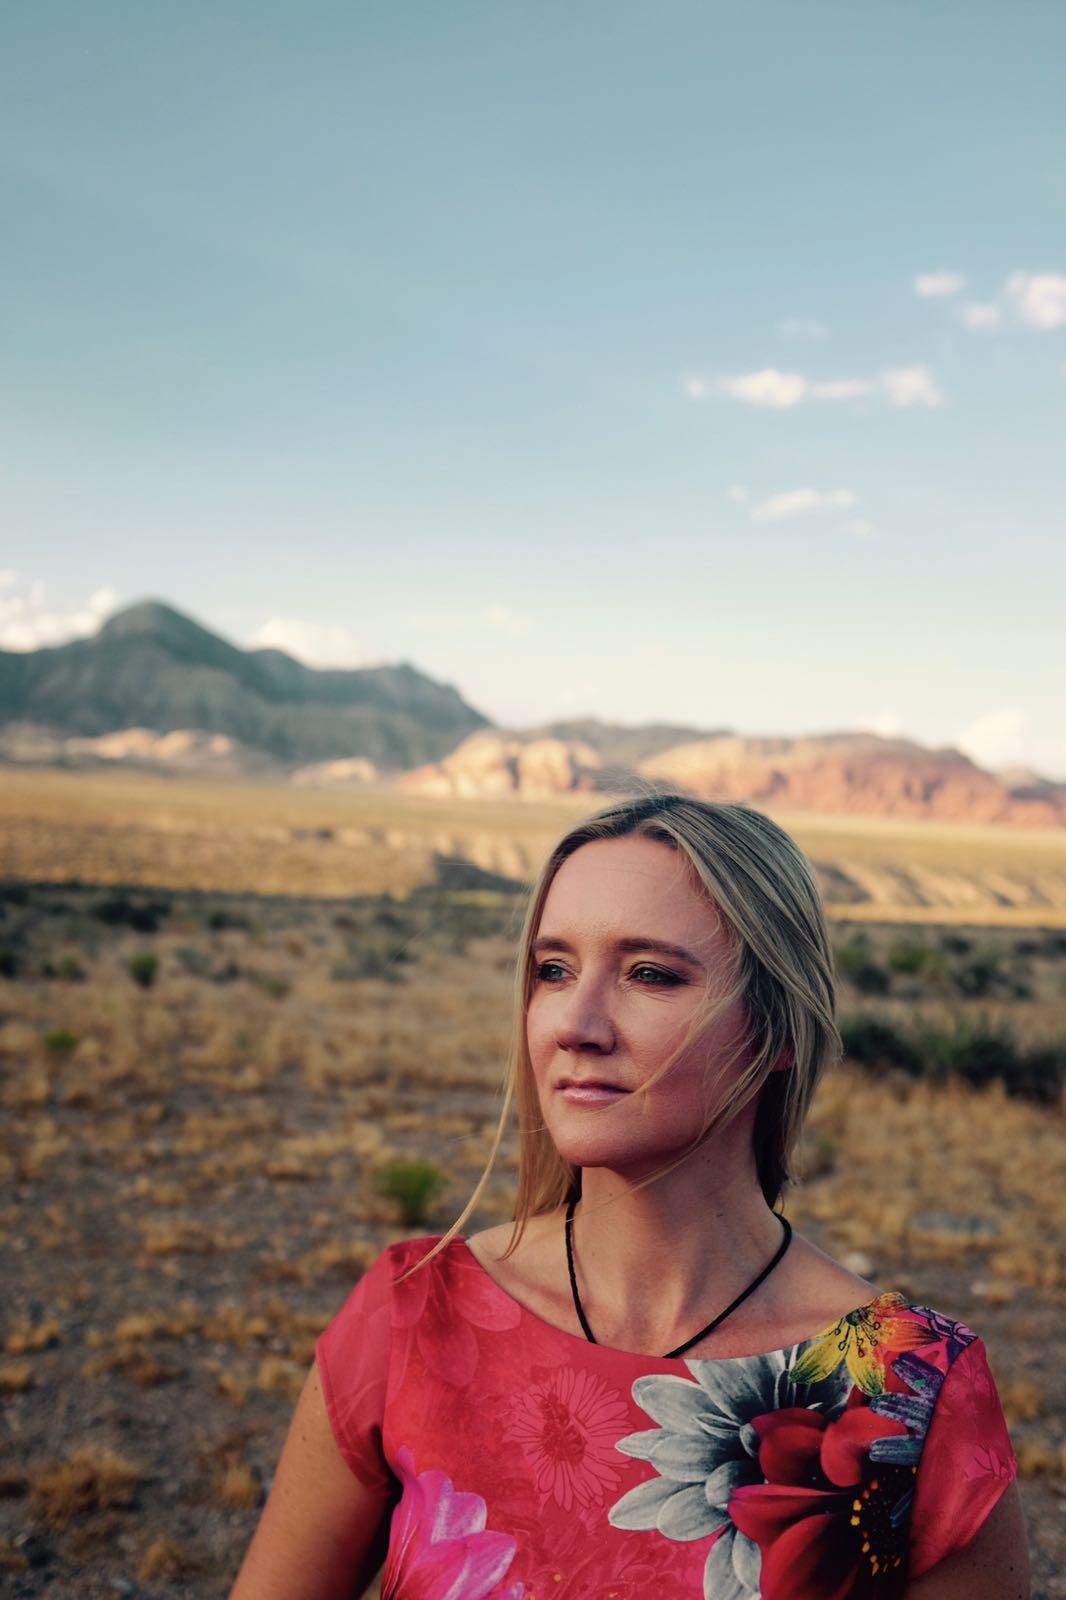 Kate in the desert